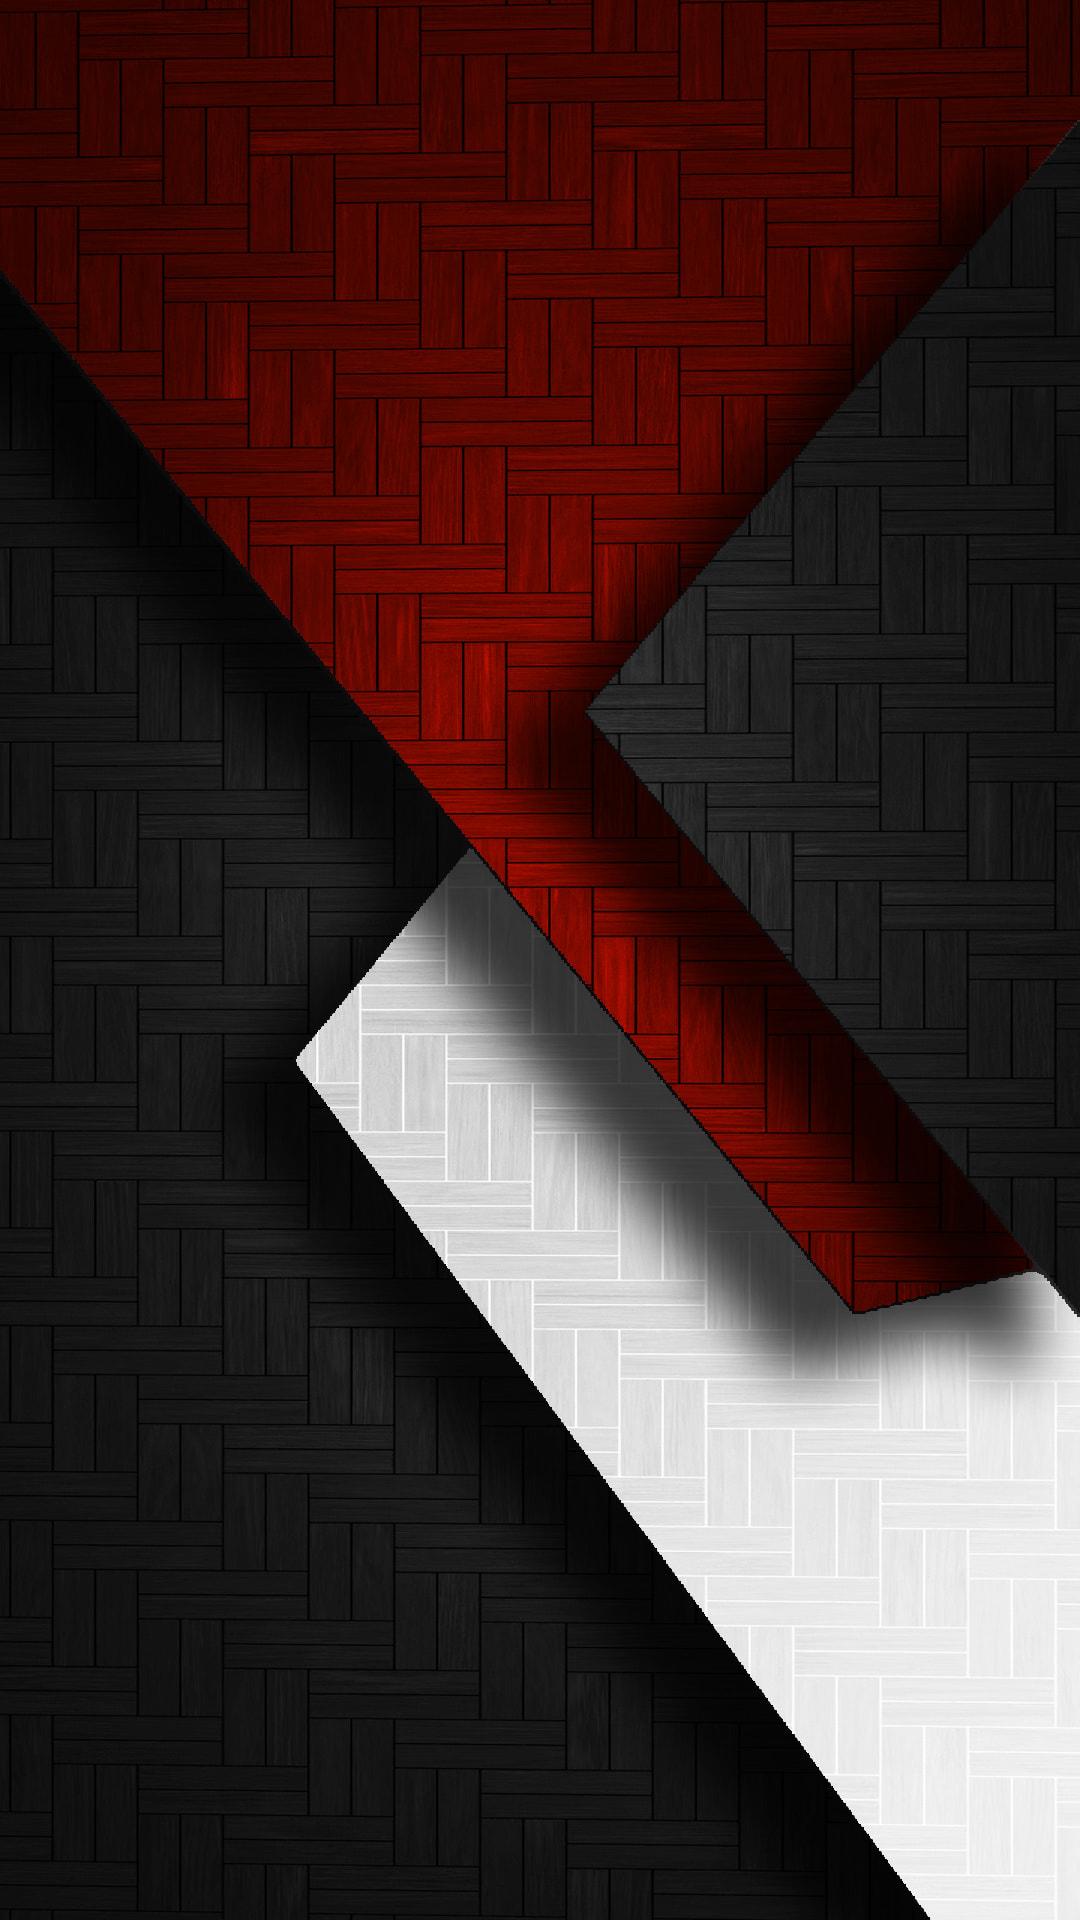 レッド ブラック ホワイト かっこいいスマホ壁紙 Iphone Wallpapers